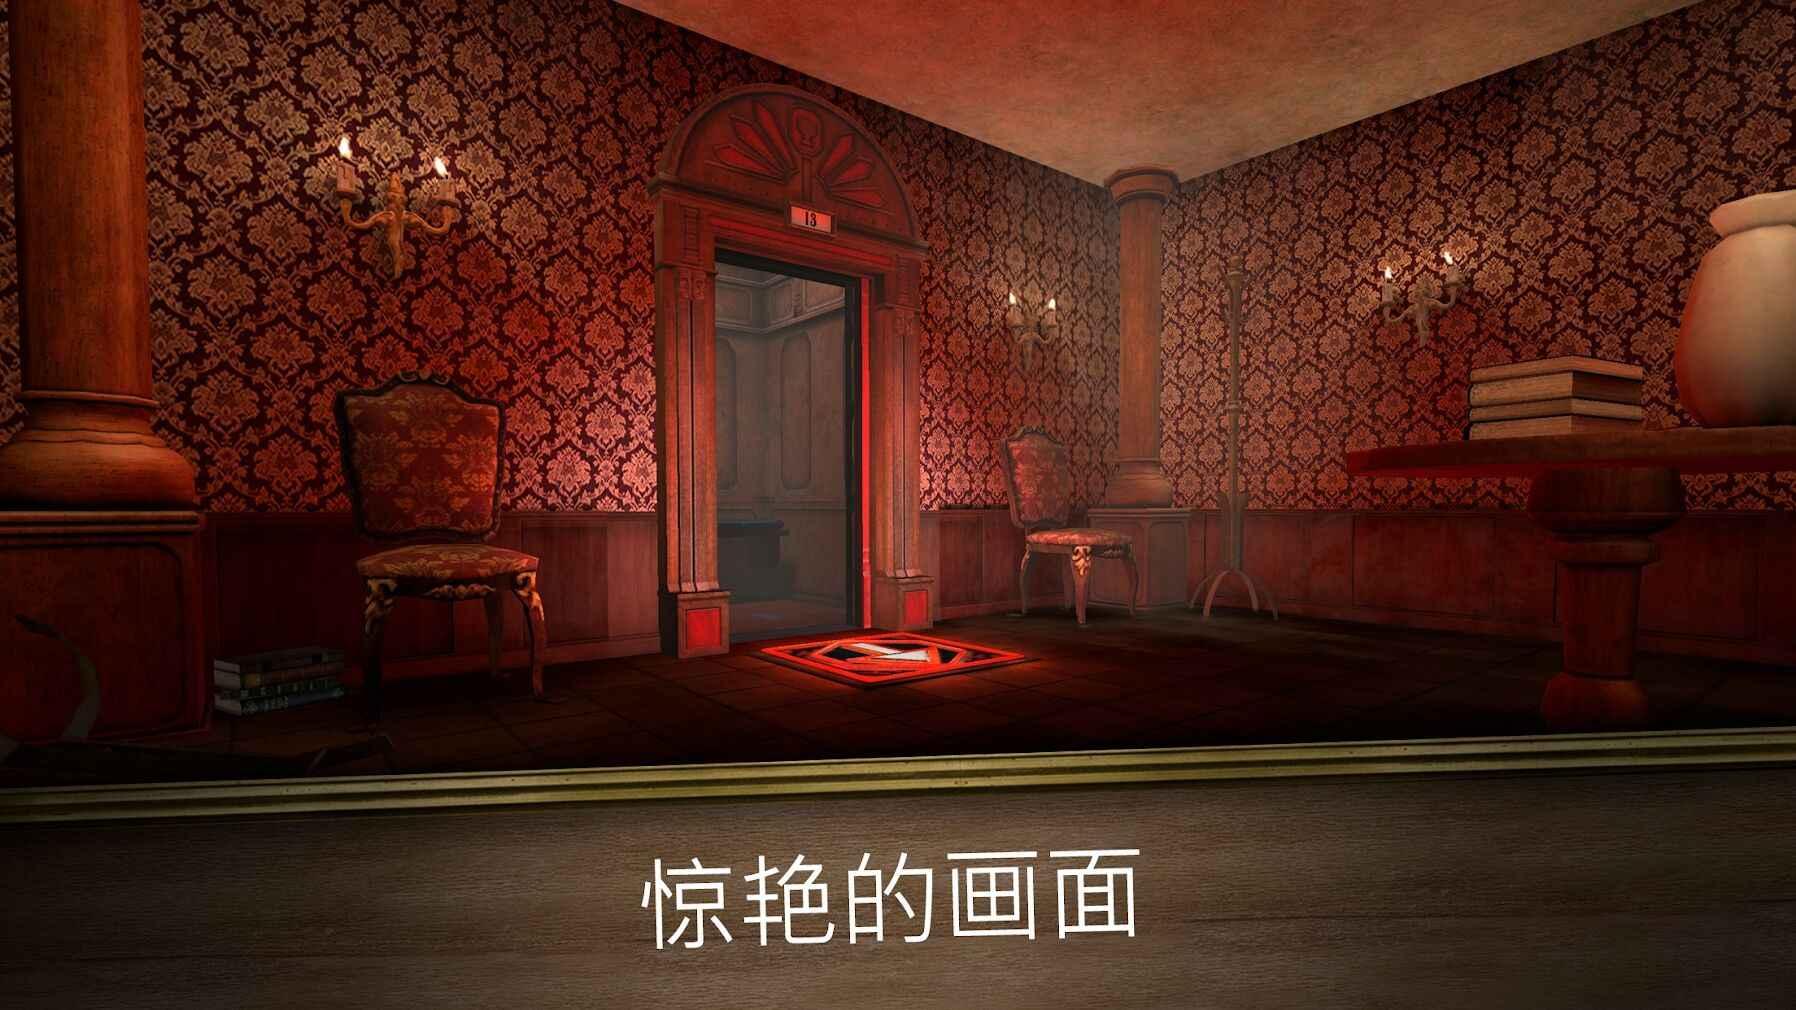 鬼修女3迷宫:无尽逃亡中文版苹果版